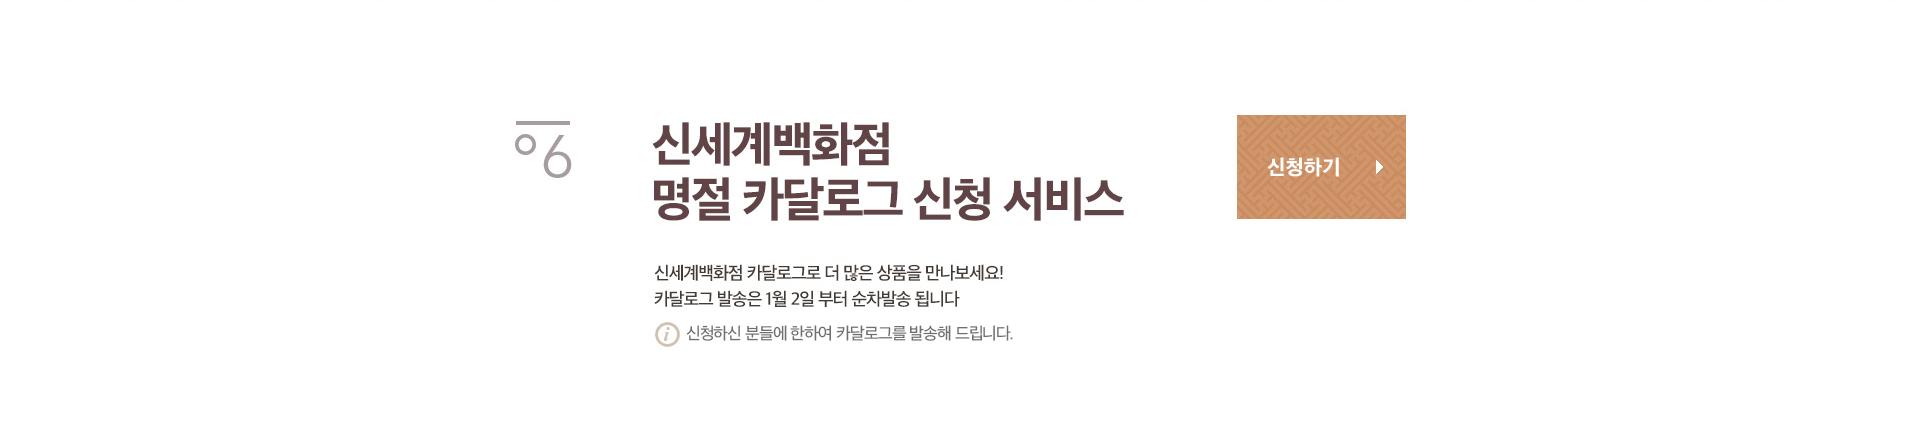 06. 신세계백화점 명절 카달로그 신청 서비스